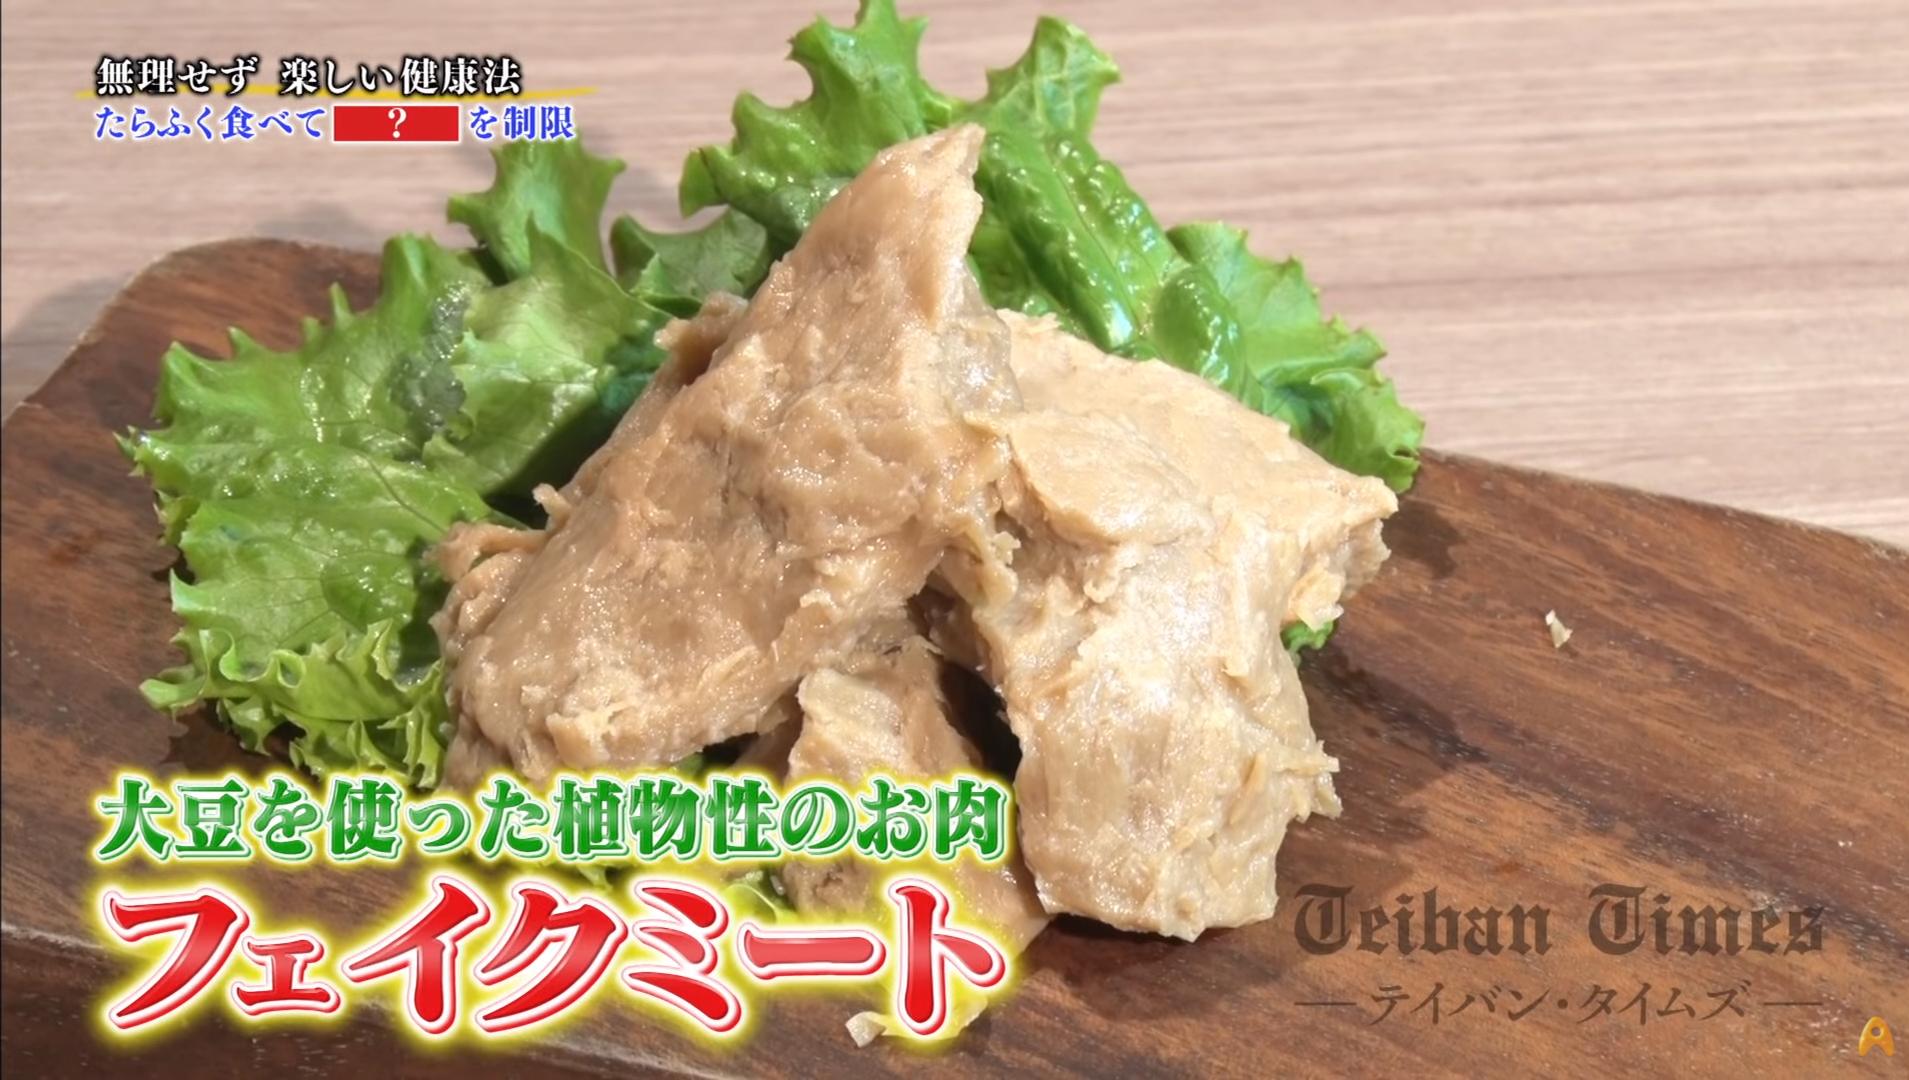 植物性のお肉「フェイクミート」